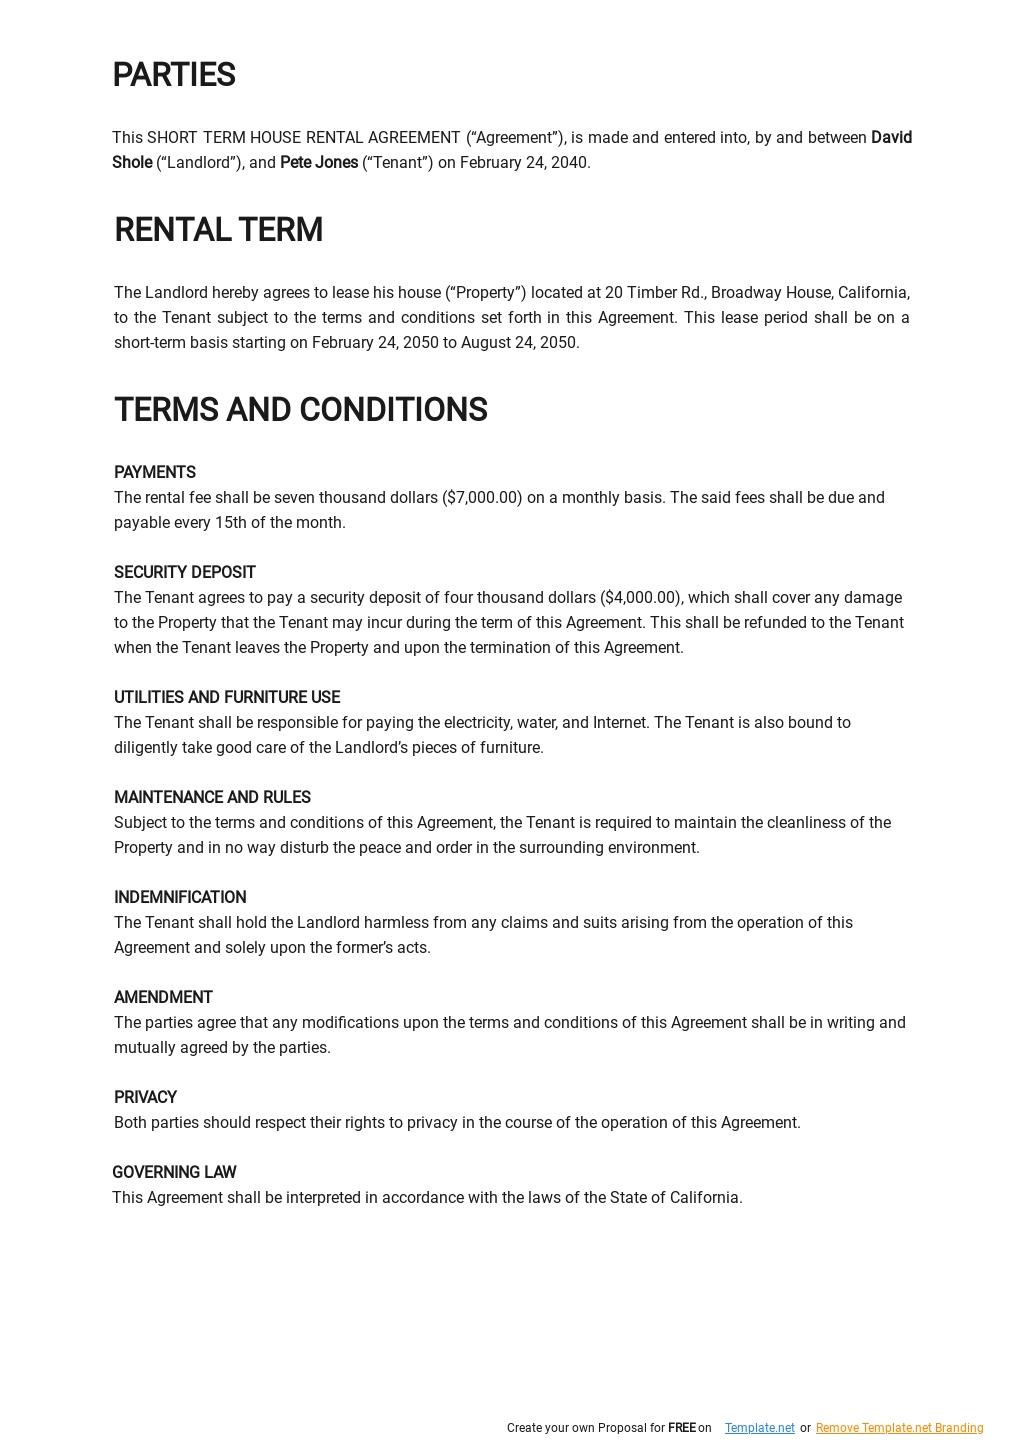 Short Term House Rental Agreement Template 1.jpe